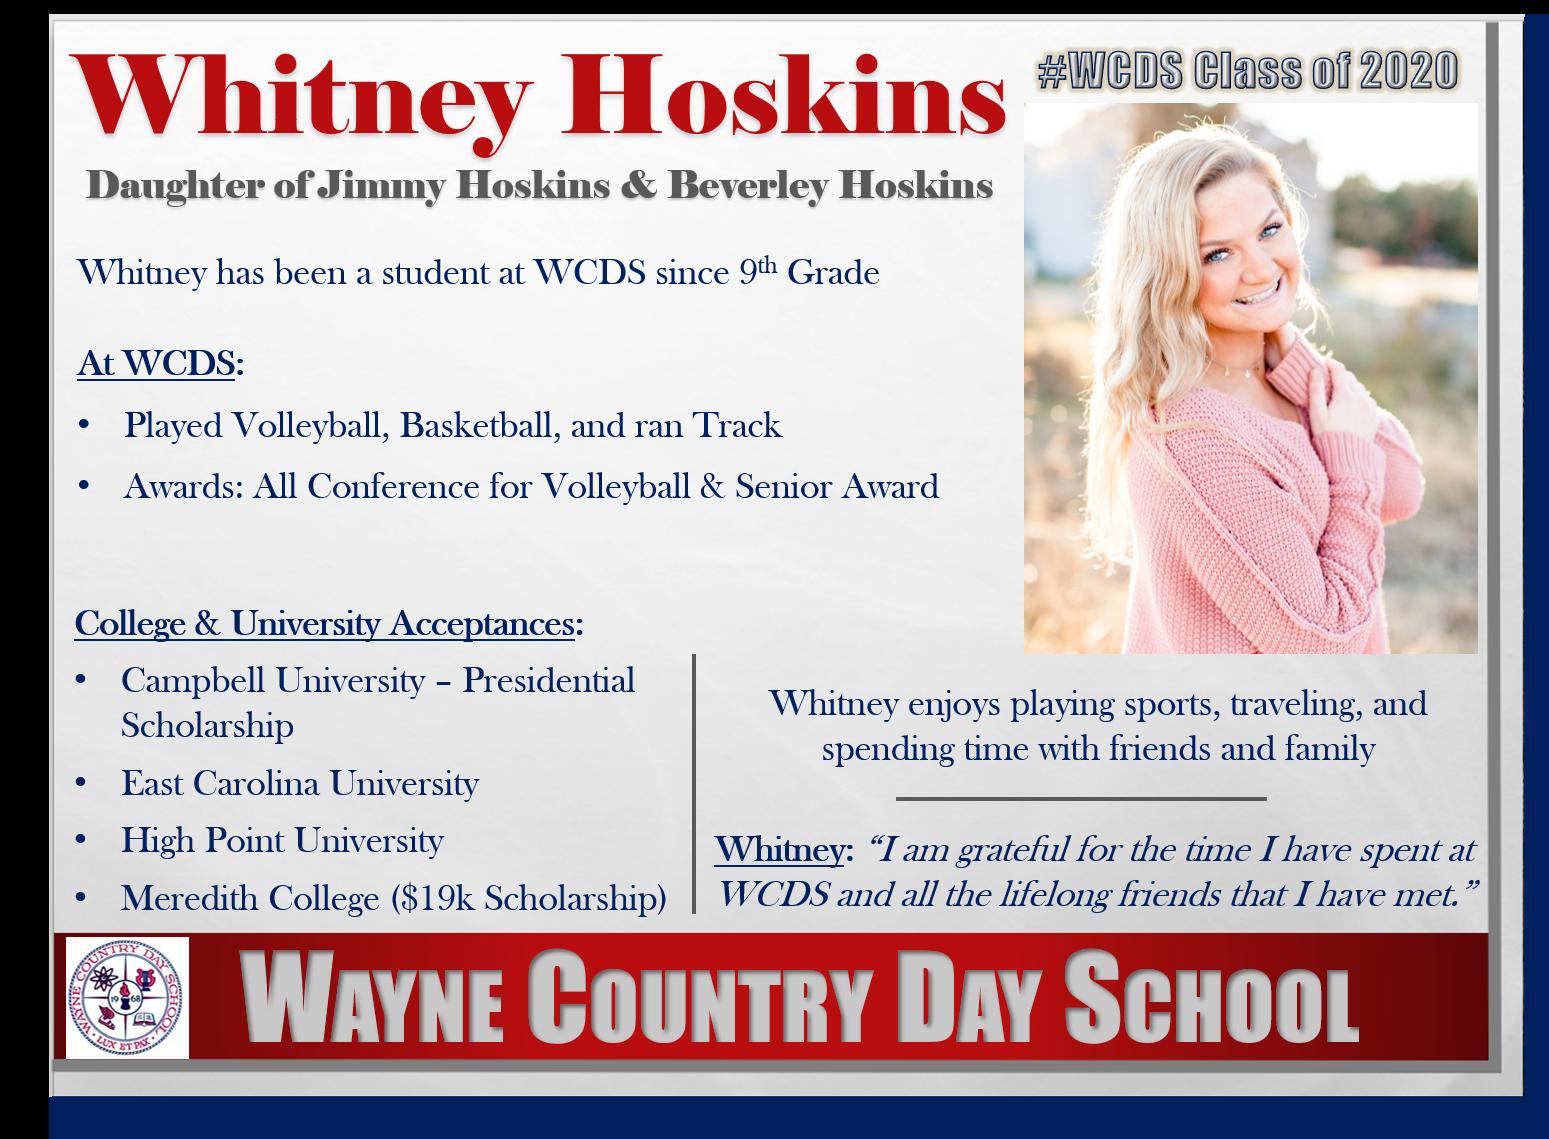 Whitney Hoskins Profile